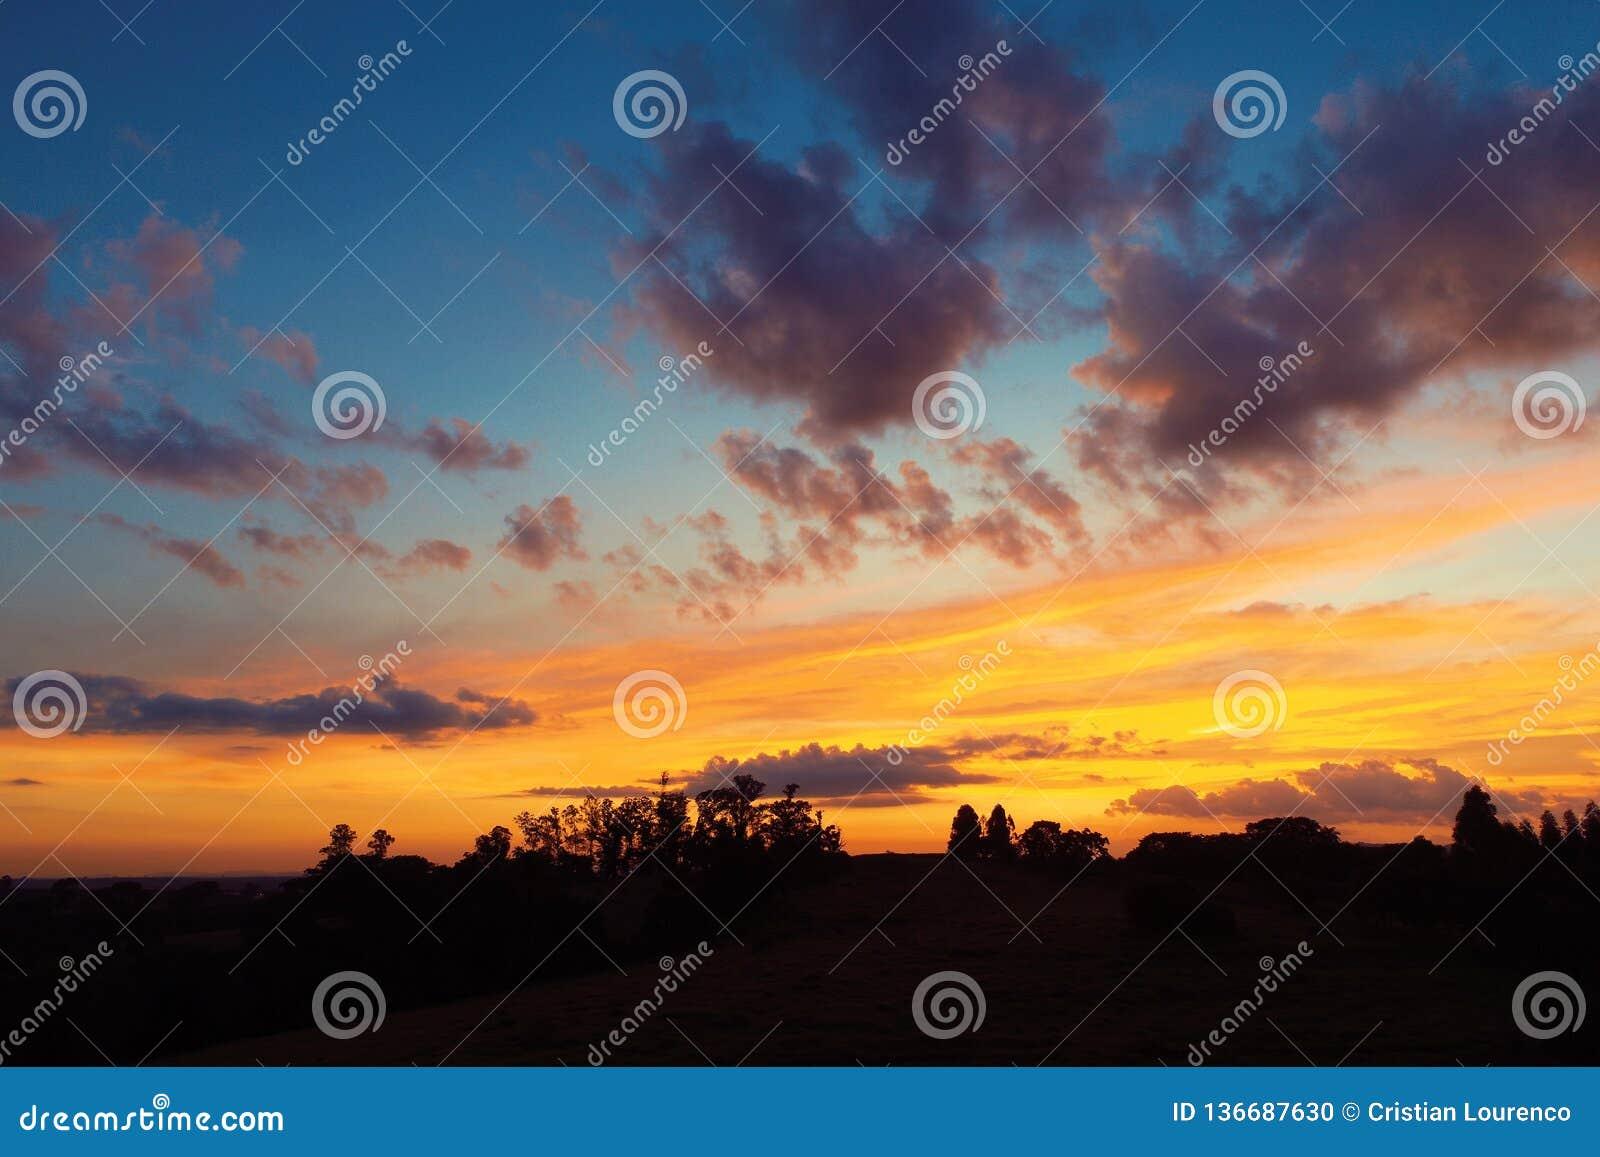 Vista aérea de la puesta del sol de un campo